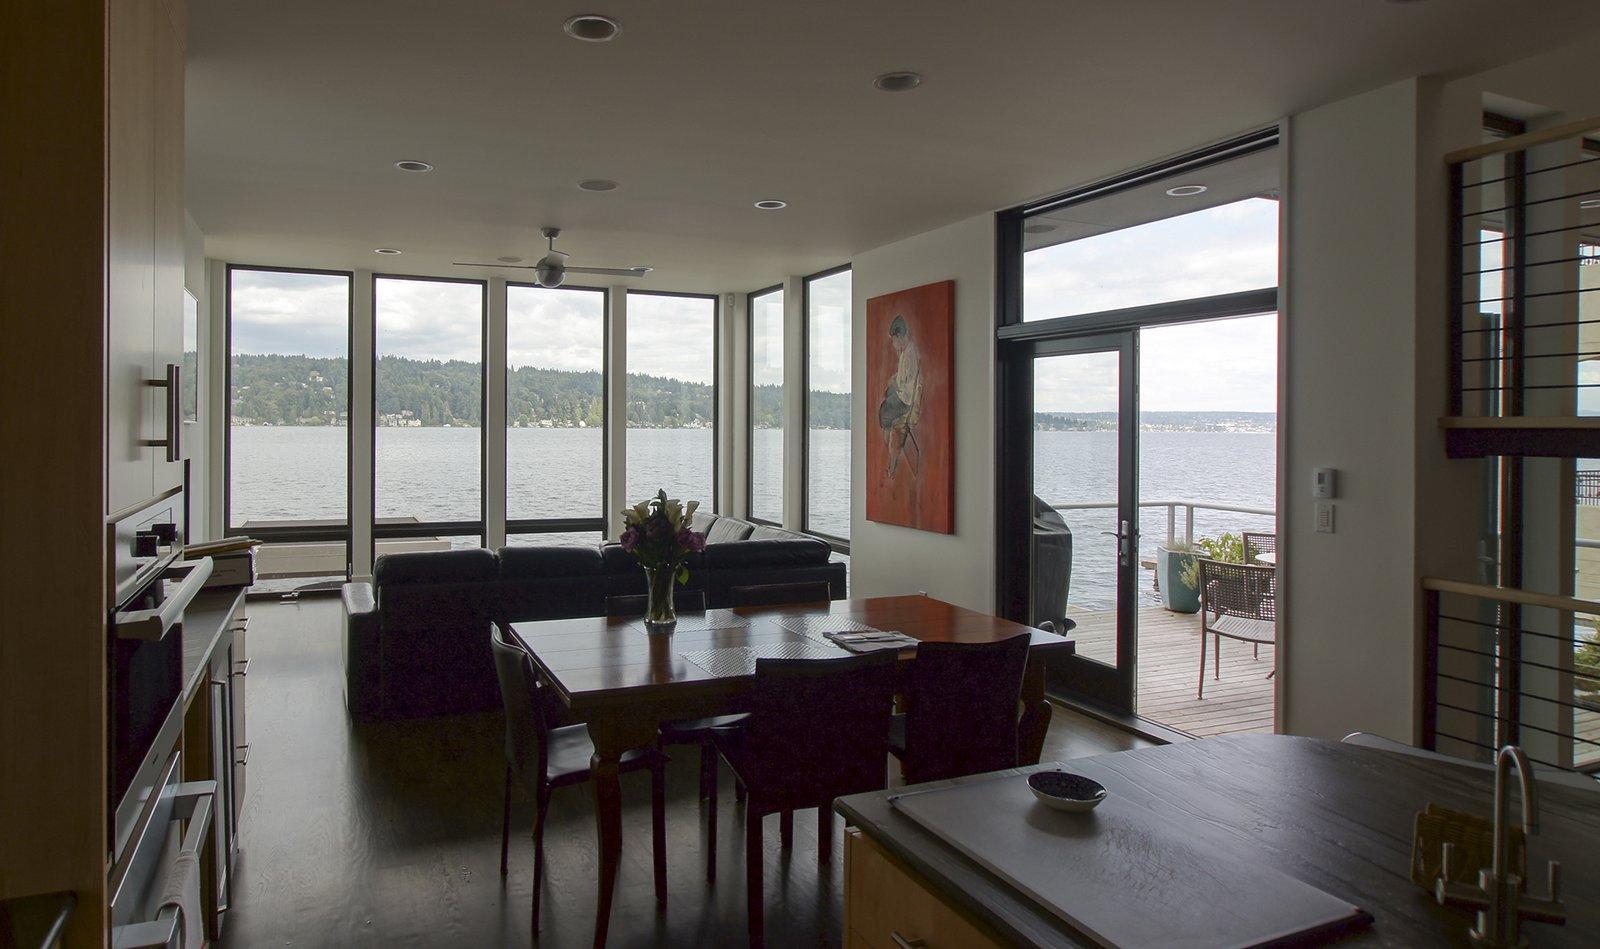 Lake Washington Home by Atelier Drome